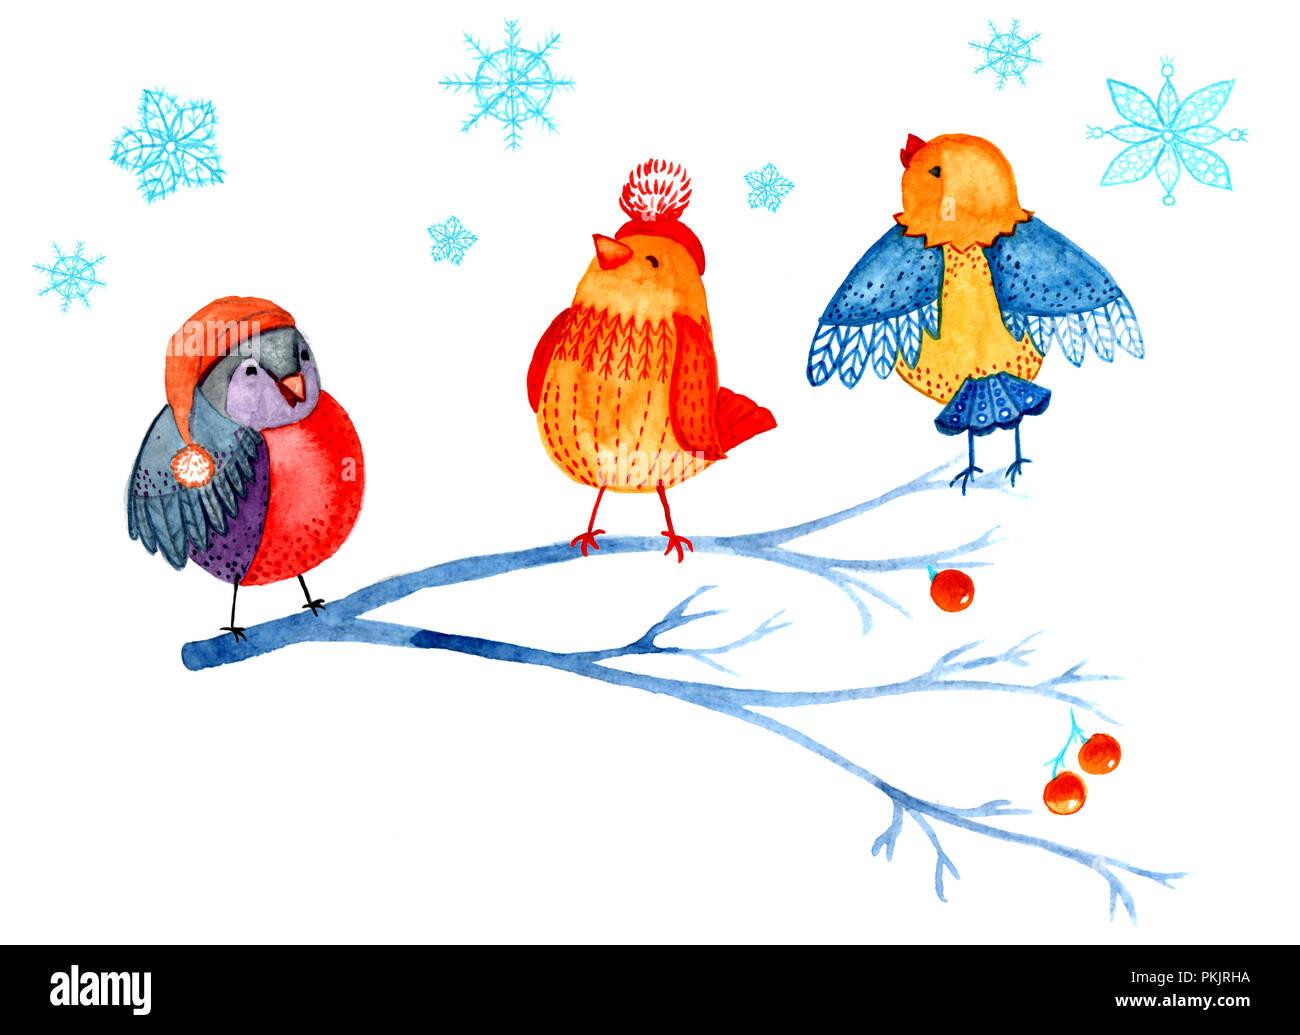 Weihnachten clipart von Aquarell. Vögel auf einem Ast, Schneeflocken ...